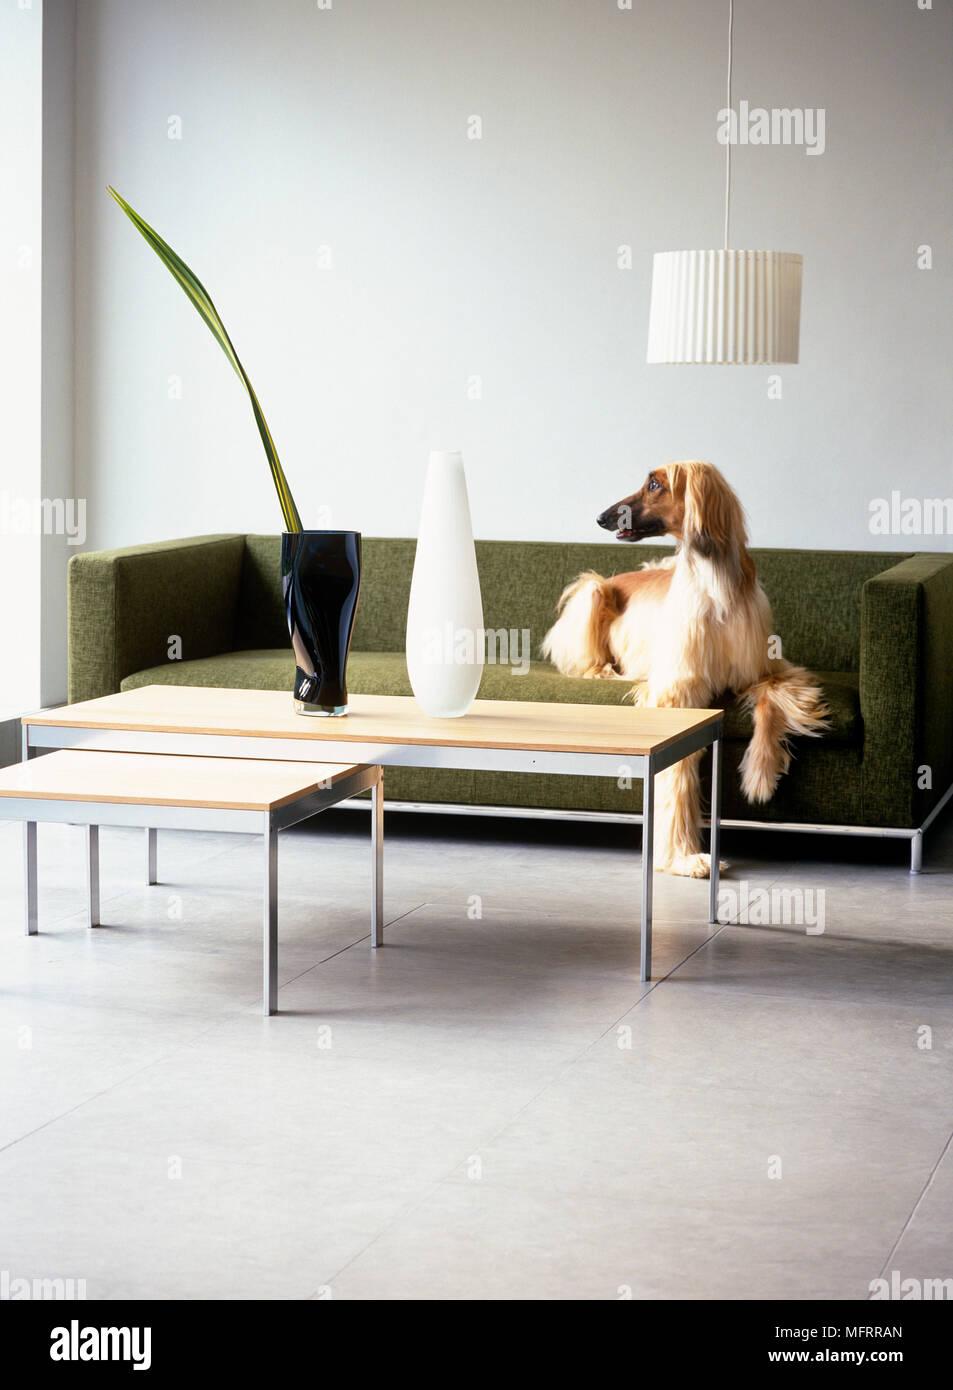 Afghan hound auf grünem Sofa in moderne Wohnzimmer Stockfoto, Bild ...